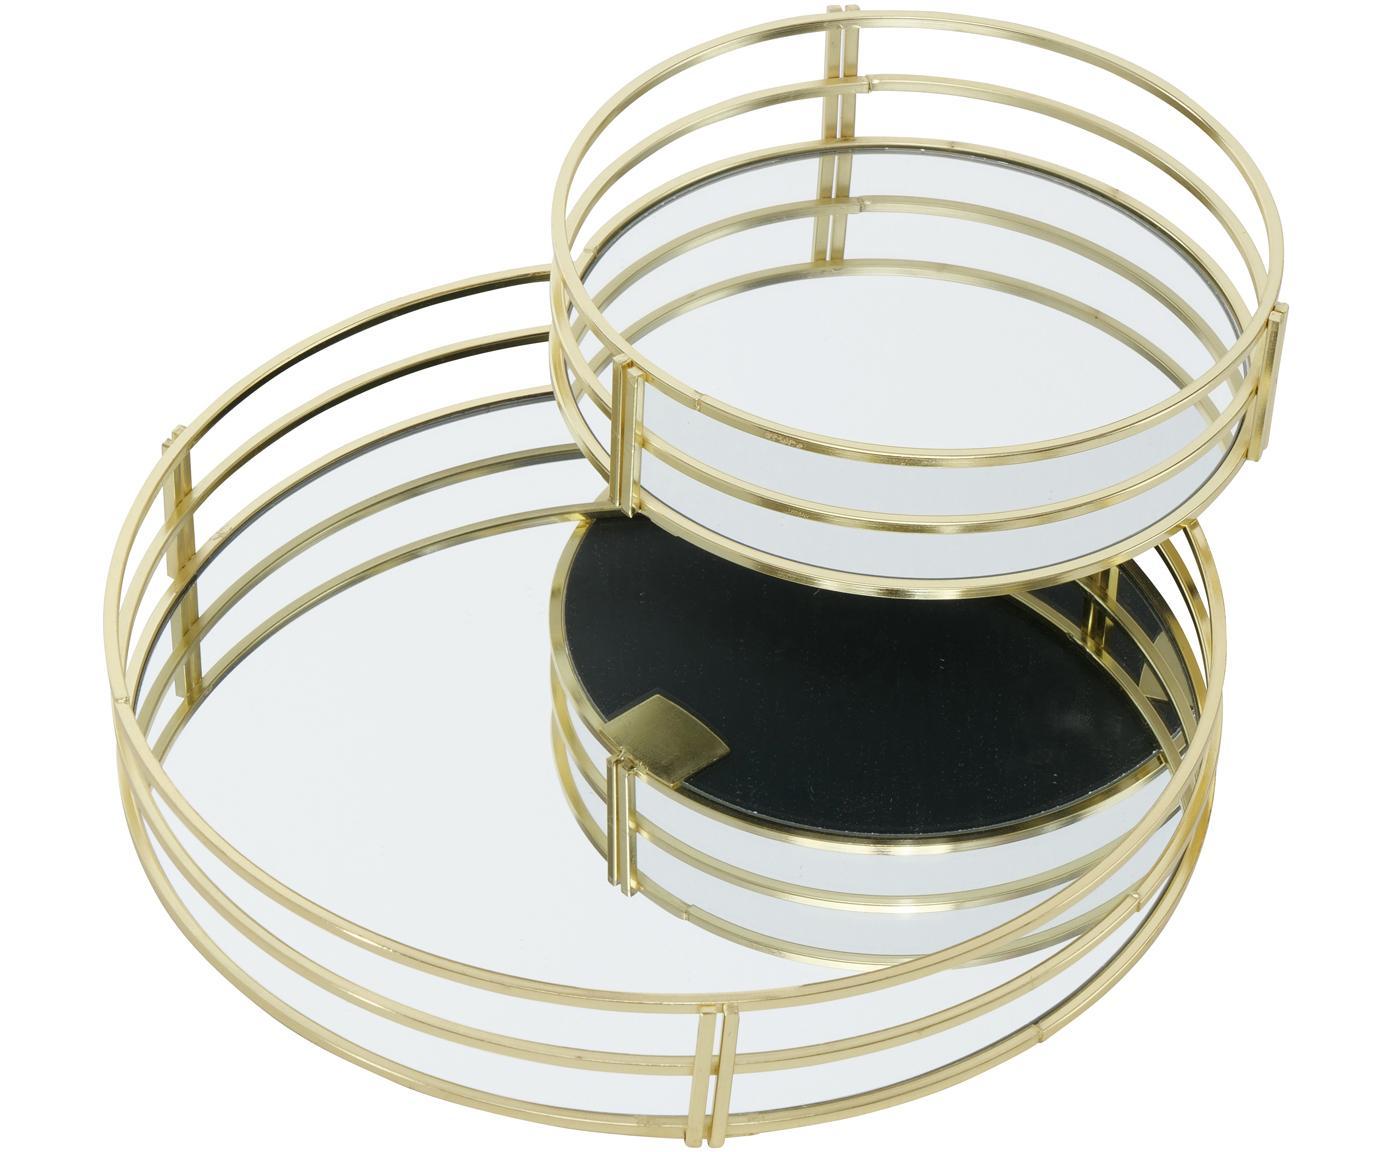 Set de bandejas decorativas Sino, 2pzas., Metal, espejo de cristal, Latón, Tamaños diferentes